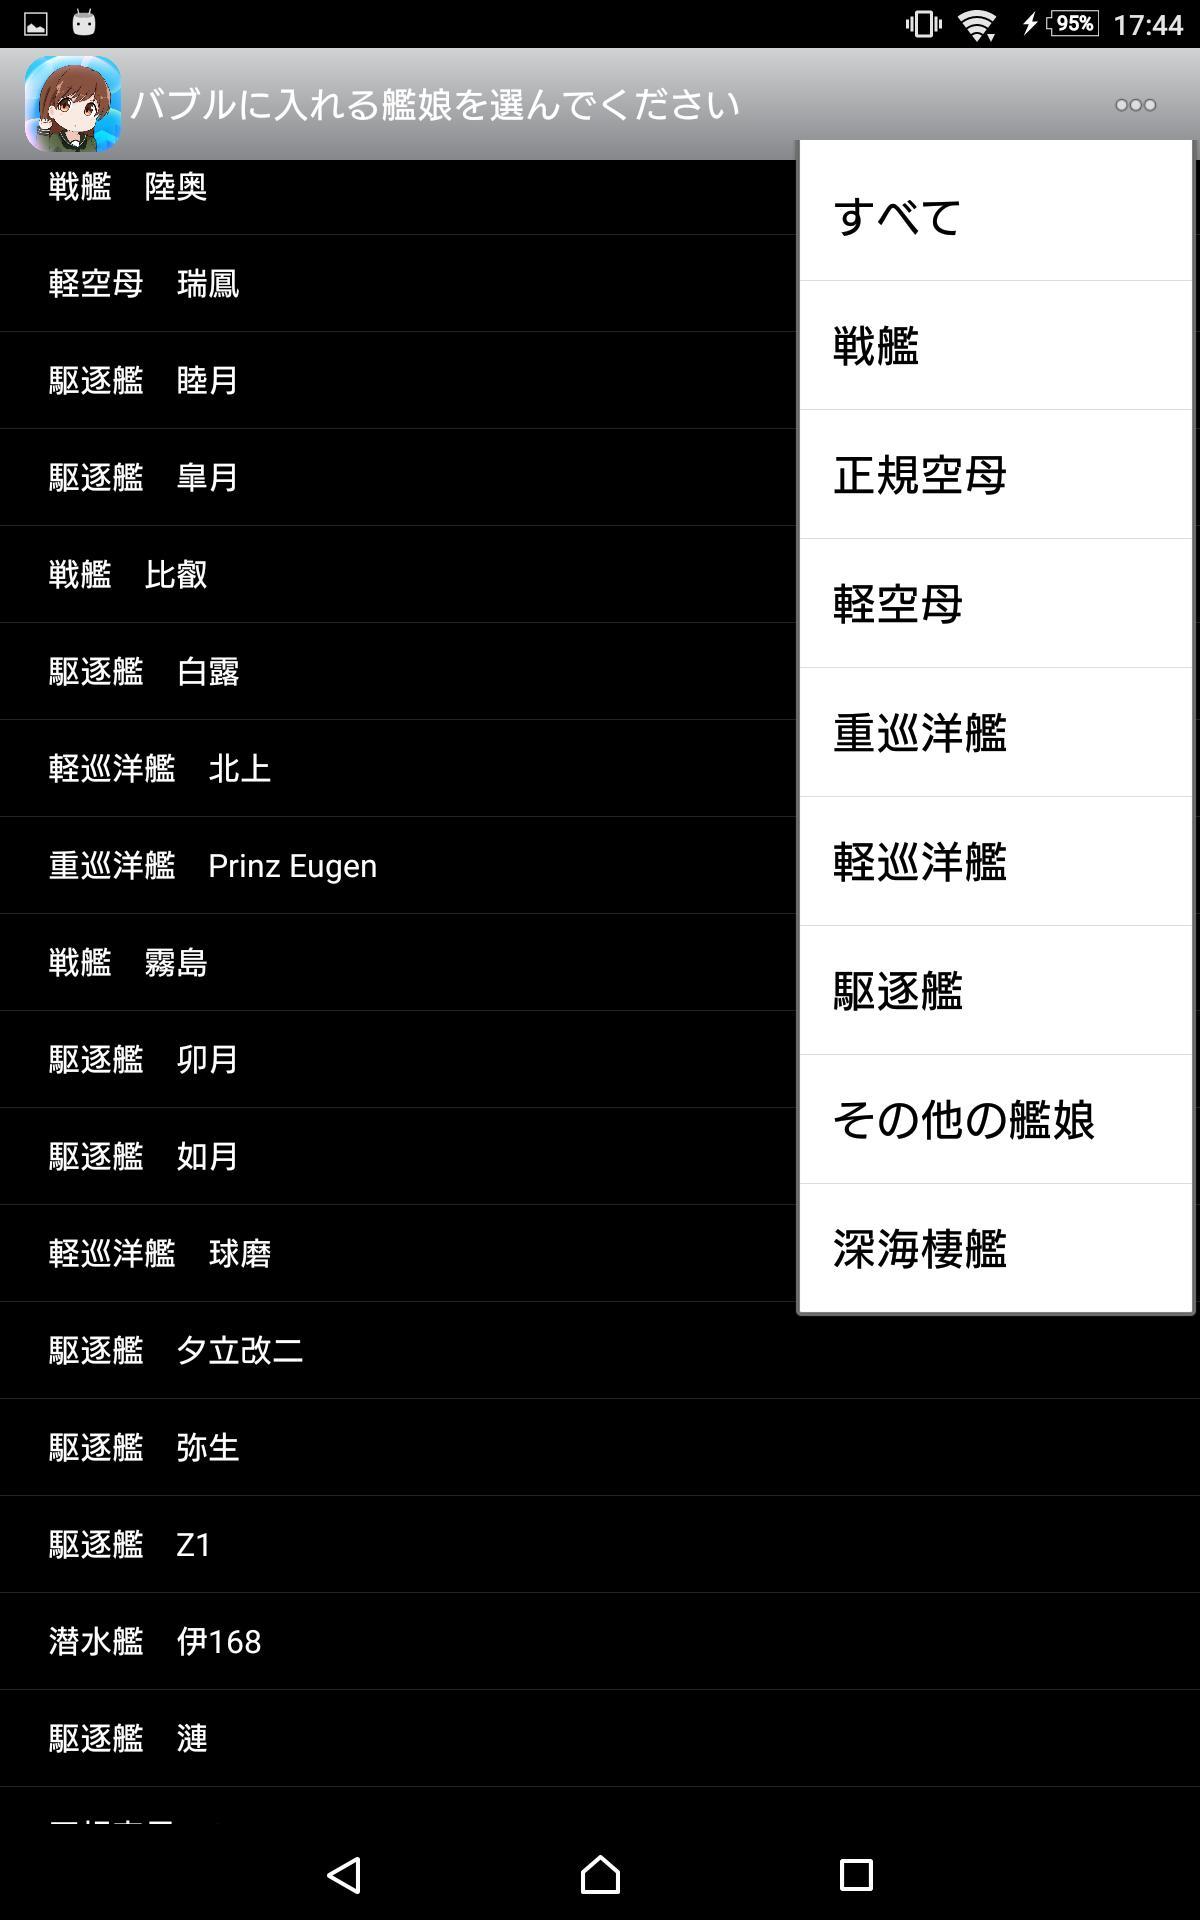 艦これバブル壁紙 Fur Android Apk Herunterladen